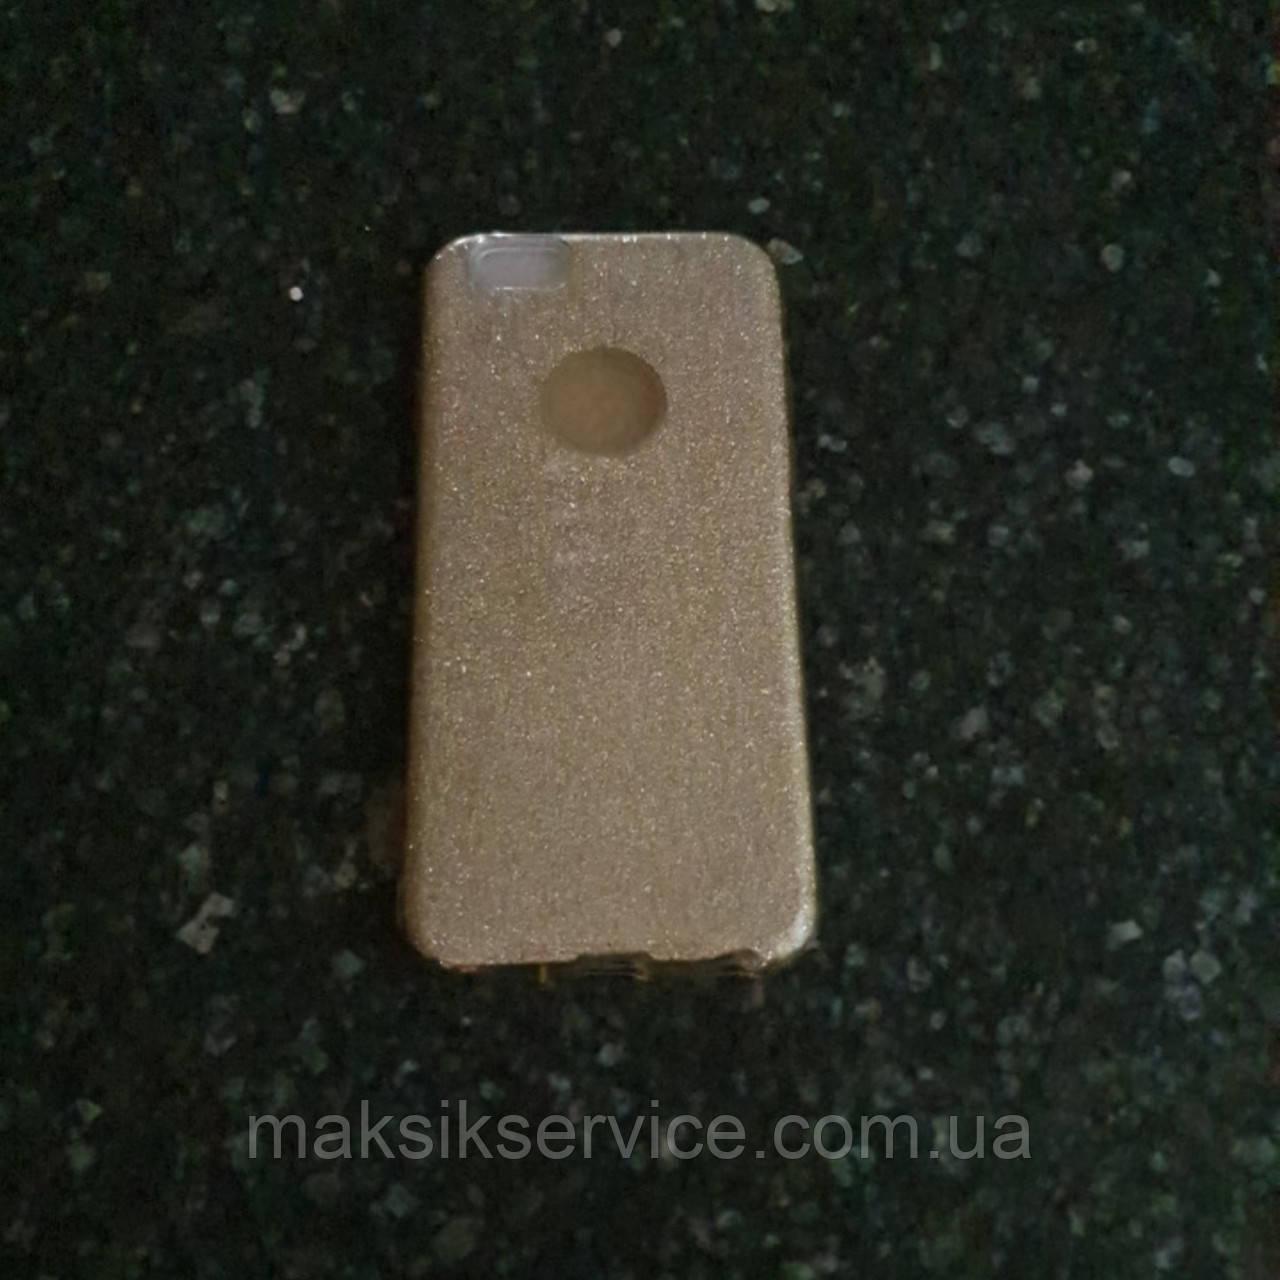 Чехол-накладка на Iphone 6/6s золото